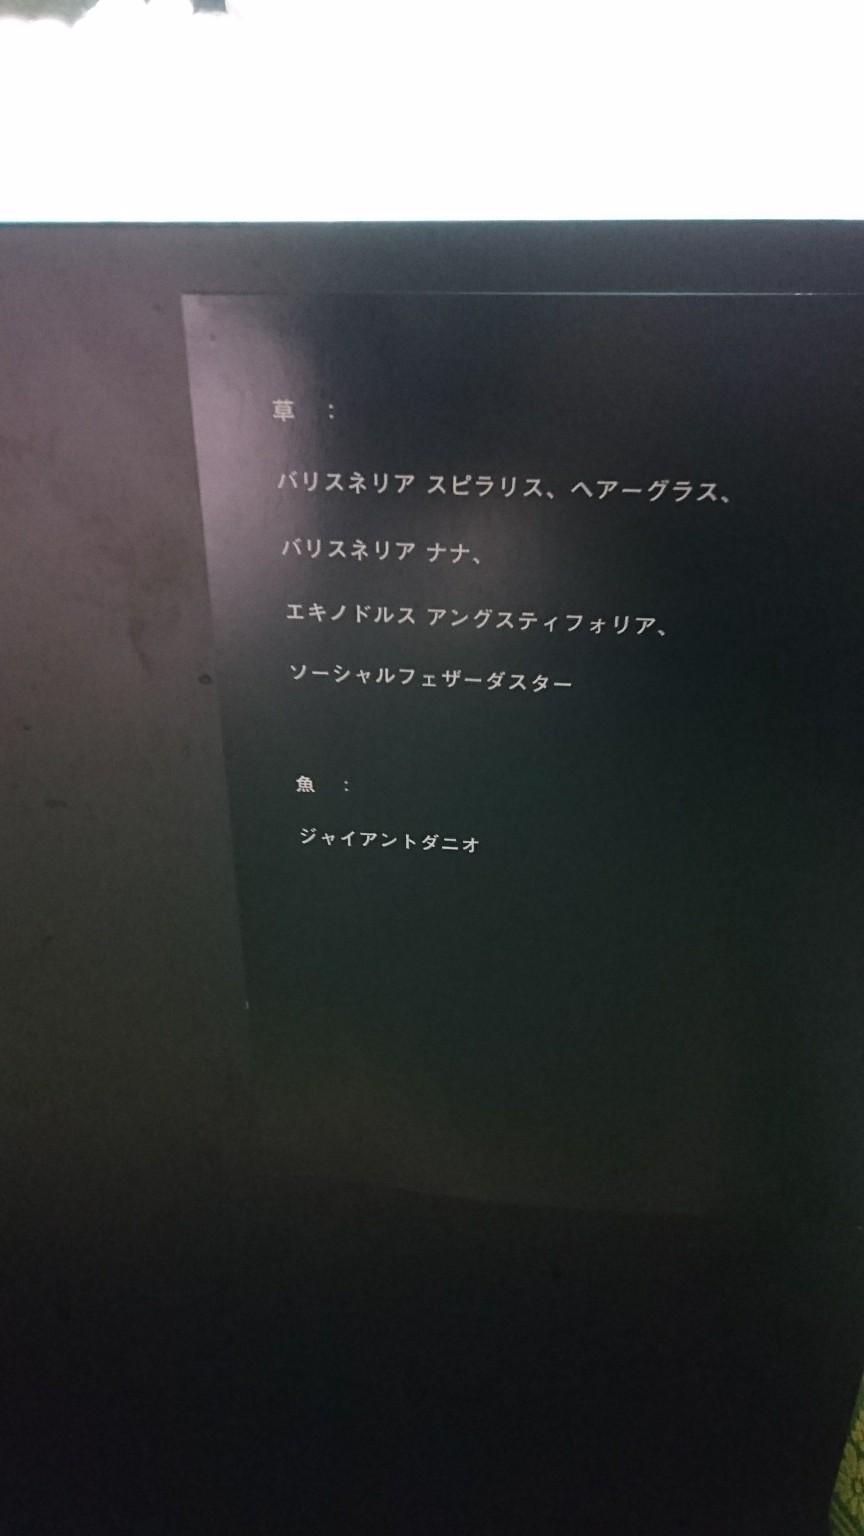 20180731194725246.jpg